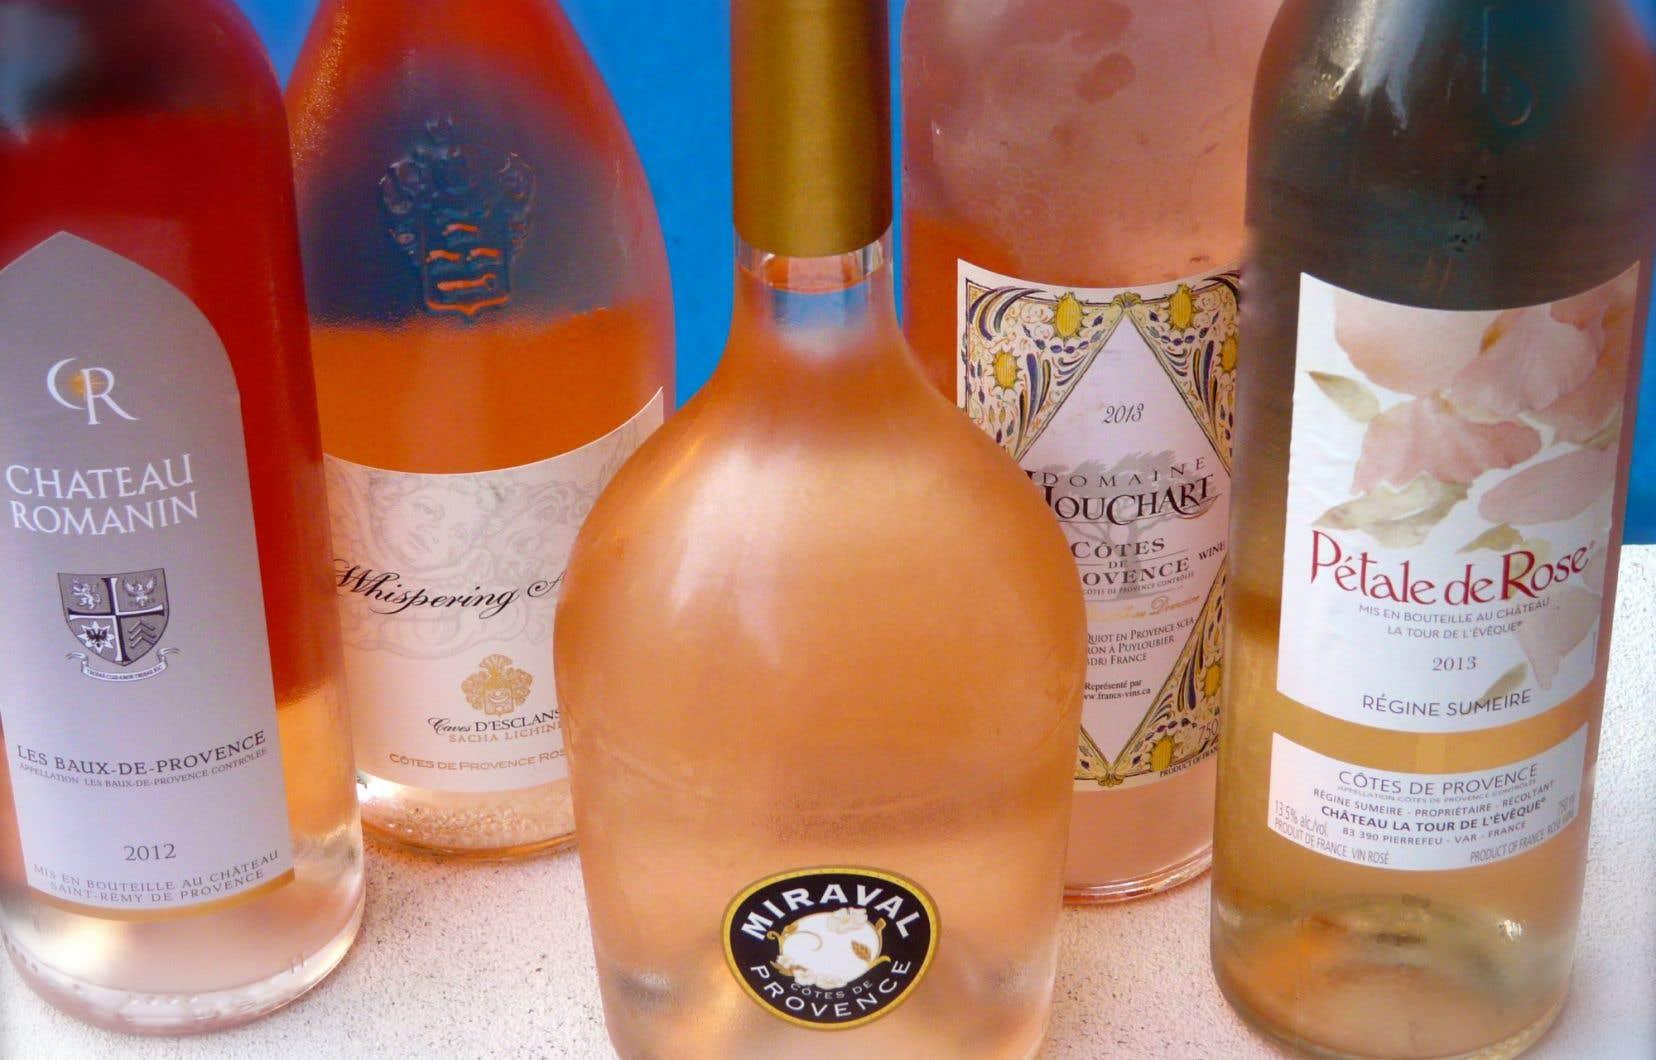 Le 1er juillet et même le 1er décembre, il n'y a aucune raison de bouder le vin rosé.